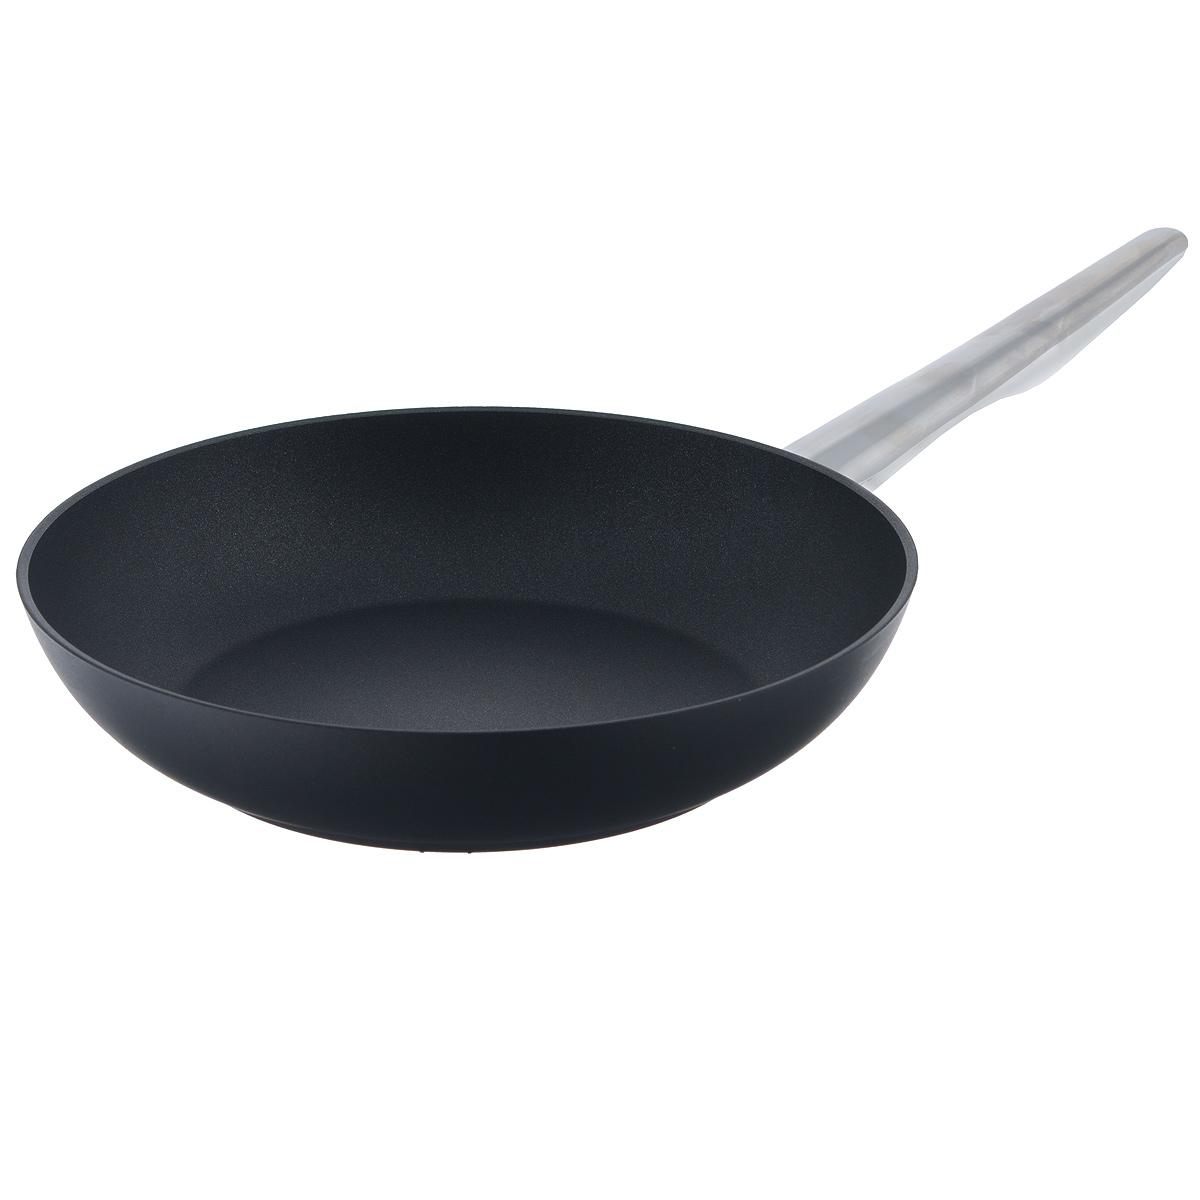 Сковорода TVS Maestrale, с антипригарным покрытием, цвет: черный. Диаметр 24 см1V278243310001Сковорода TVS Maestrale выполнена из алюминия с внешним лаковым покрытием черного цвета и обладает превосходной теплопроводностью. Внутреннее антипригарное покрытие Toptec позволяет готовить пищу с минимальным использованием масла. Прочная поверхность сковороды не боится механических повреждений. Эргономичная ручка, изготовленная из нержавеющей стали имеет плавные формы, которые подчеркивают стиль сковороды. Сковорода TVS Maestrale изготовлена из экологичных материалов, что делает ее пригодной для приготовления пищи детям. Подходит для всех видов плит, включая индукционные. Сковороду TVS Maestrale можно использовать в духовому шкафу. Максимальная температура 230°С. Можно мыть в посудомоечной машине. Особенностью коллекции Maestrale является фурнитура из нержавеющей стали с изящными формами, очень эффектно сочетающаяся с литым корпусом изделий с черным антипригарным покрытием Toptec. Дно сковород и кастрюль, входящих в коллекцию, имеет...